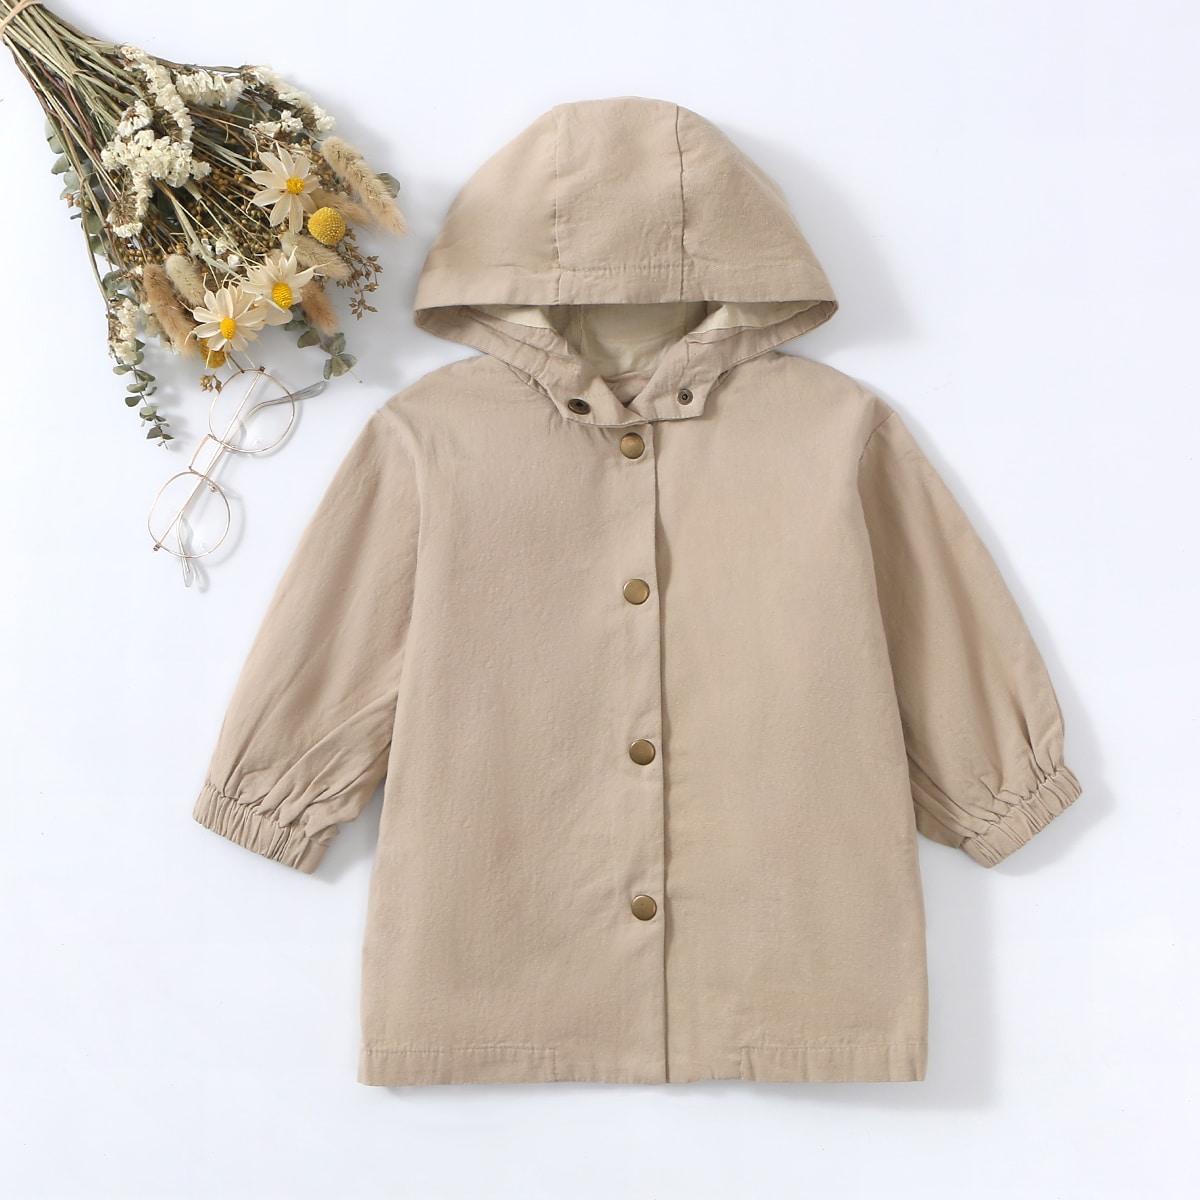 Со сборками одноцветный повседневный пальто для маленьких девочек